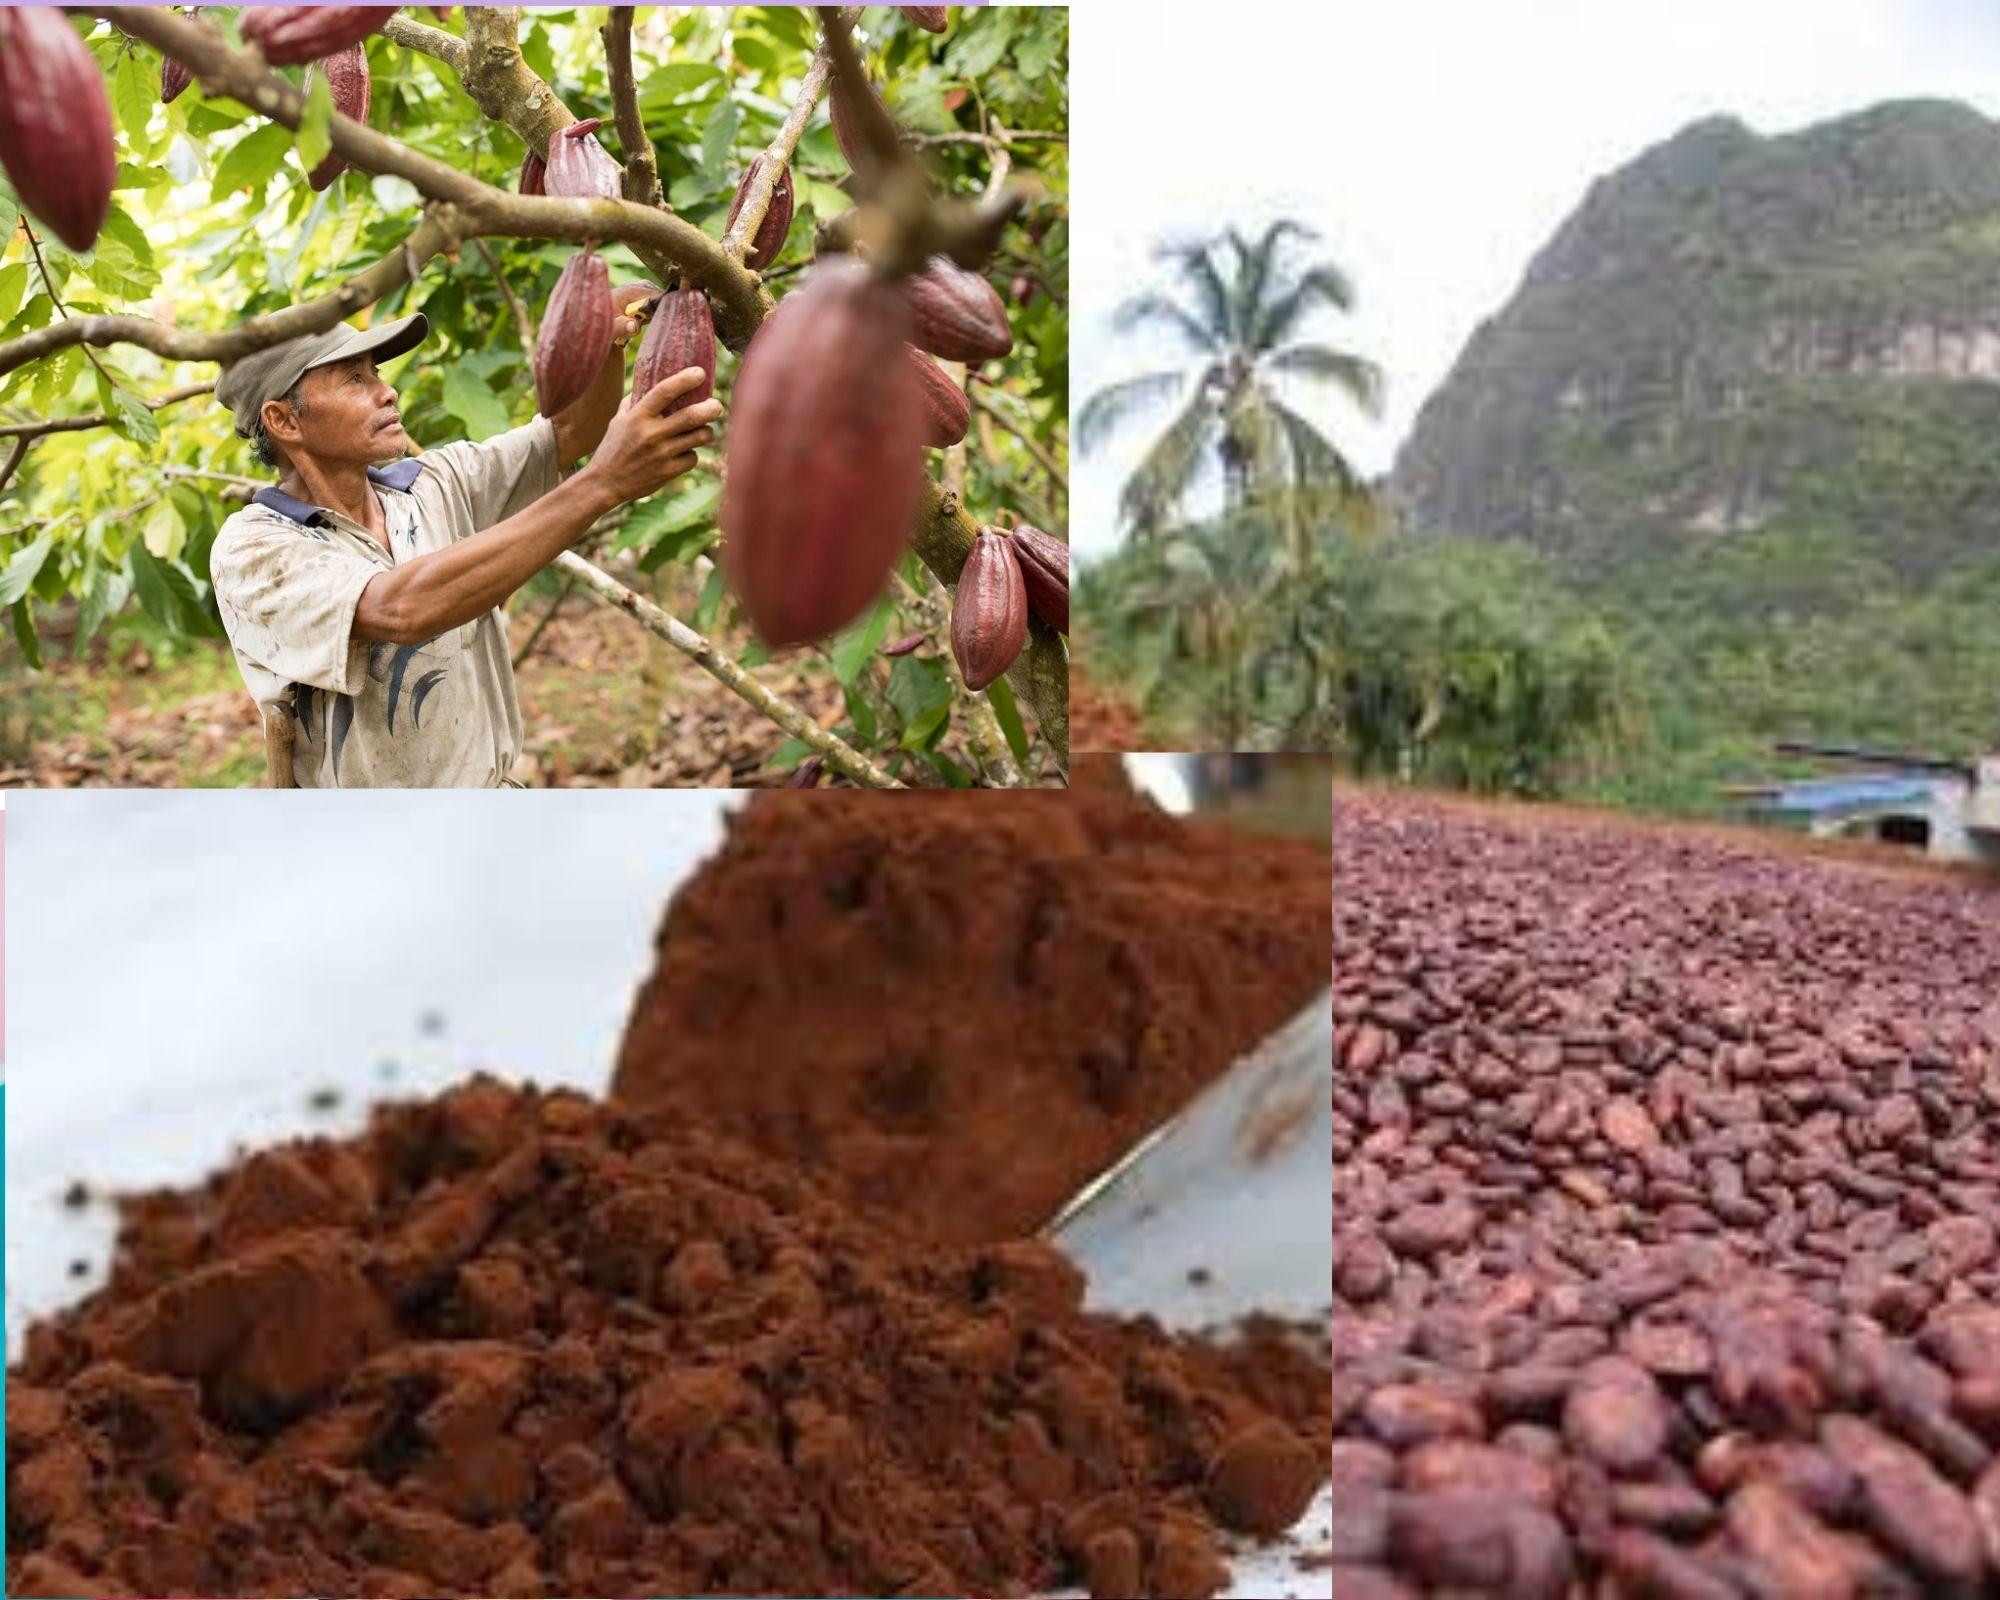 Фото Мужчина и плоды какао.